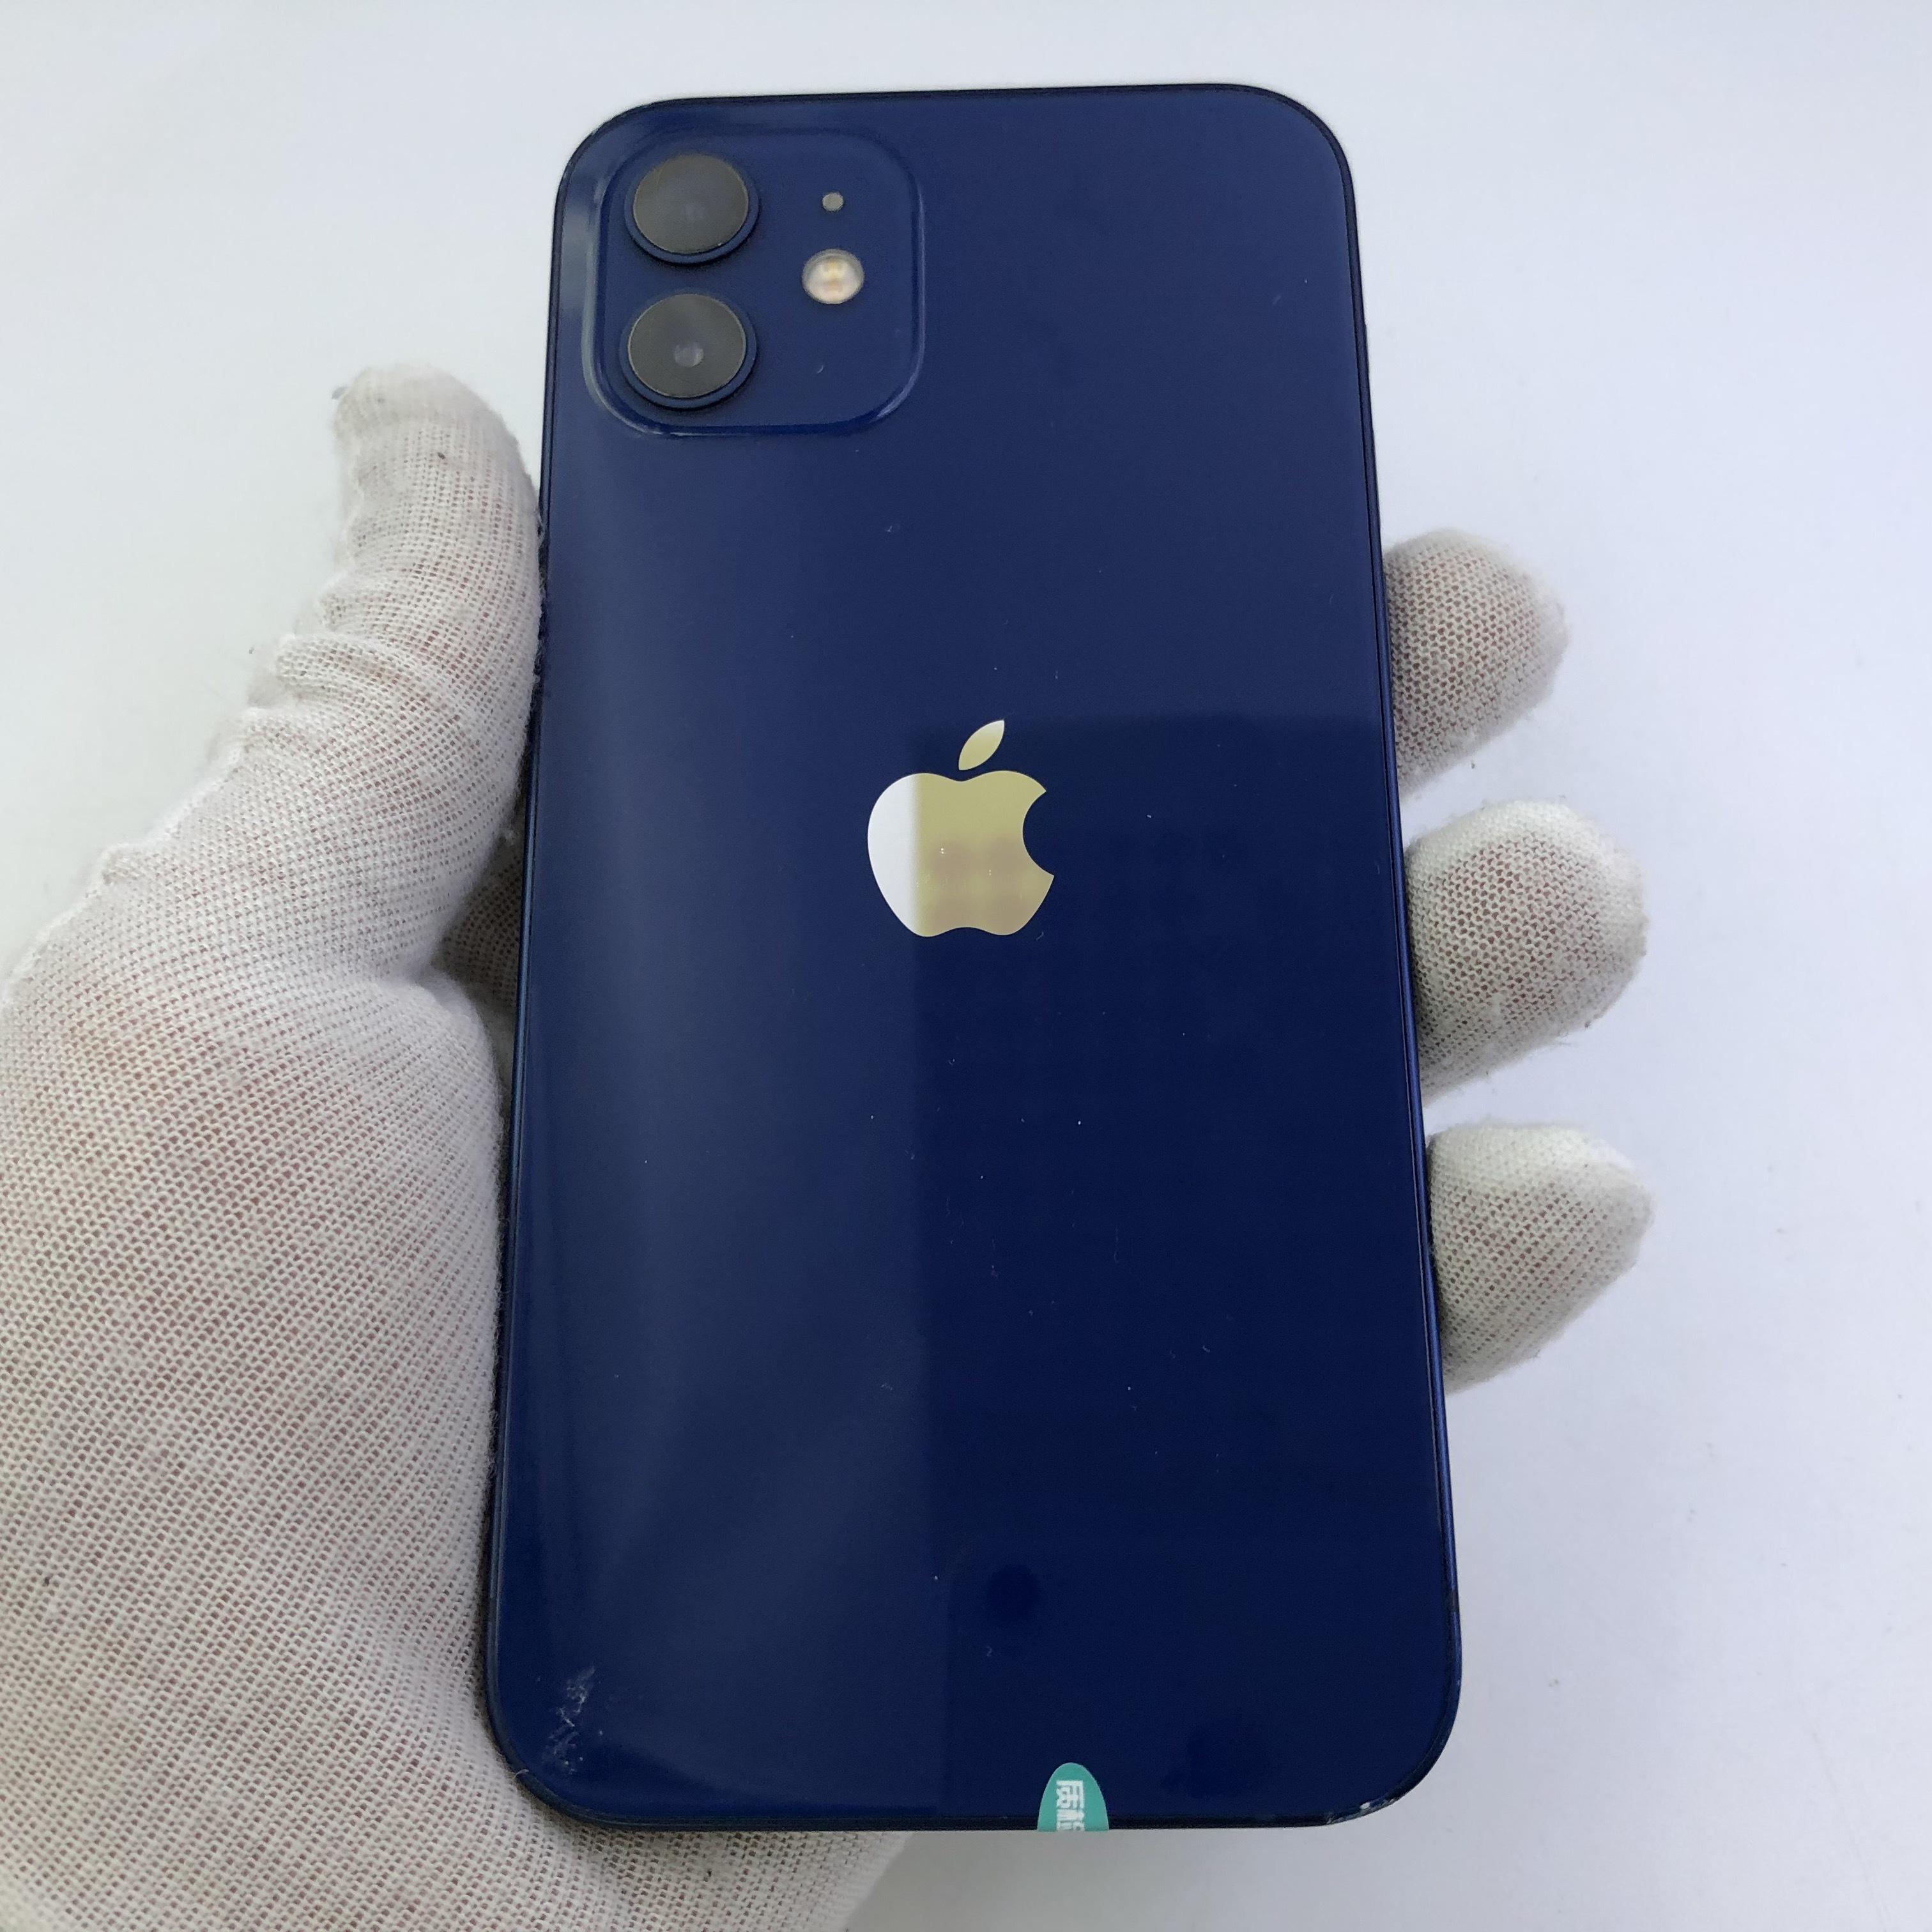 苹果【iPhone 12】5G全网通 蓝色 128G 国行 8成新